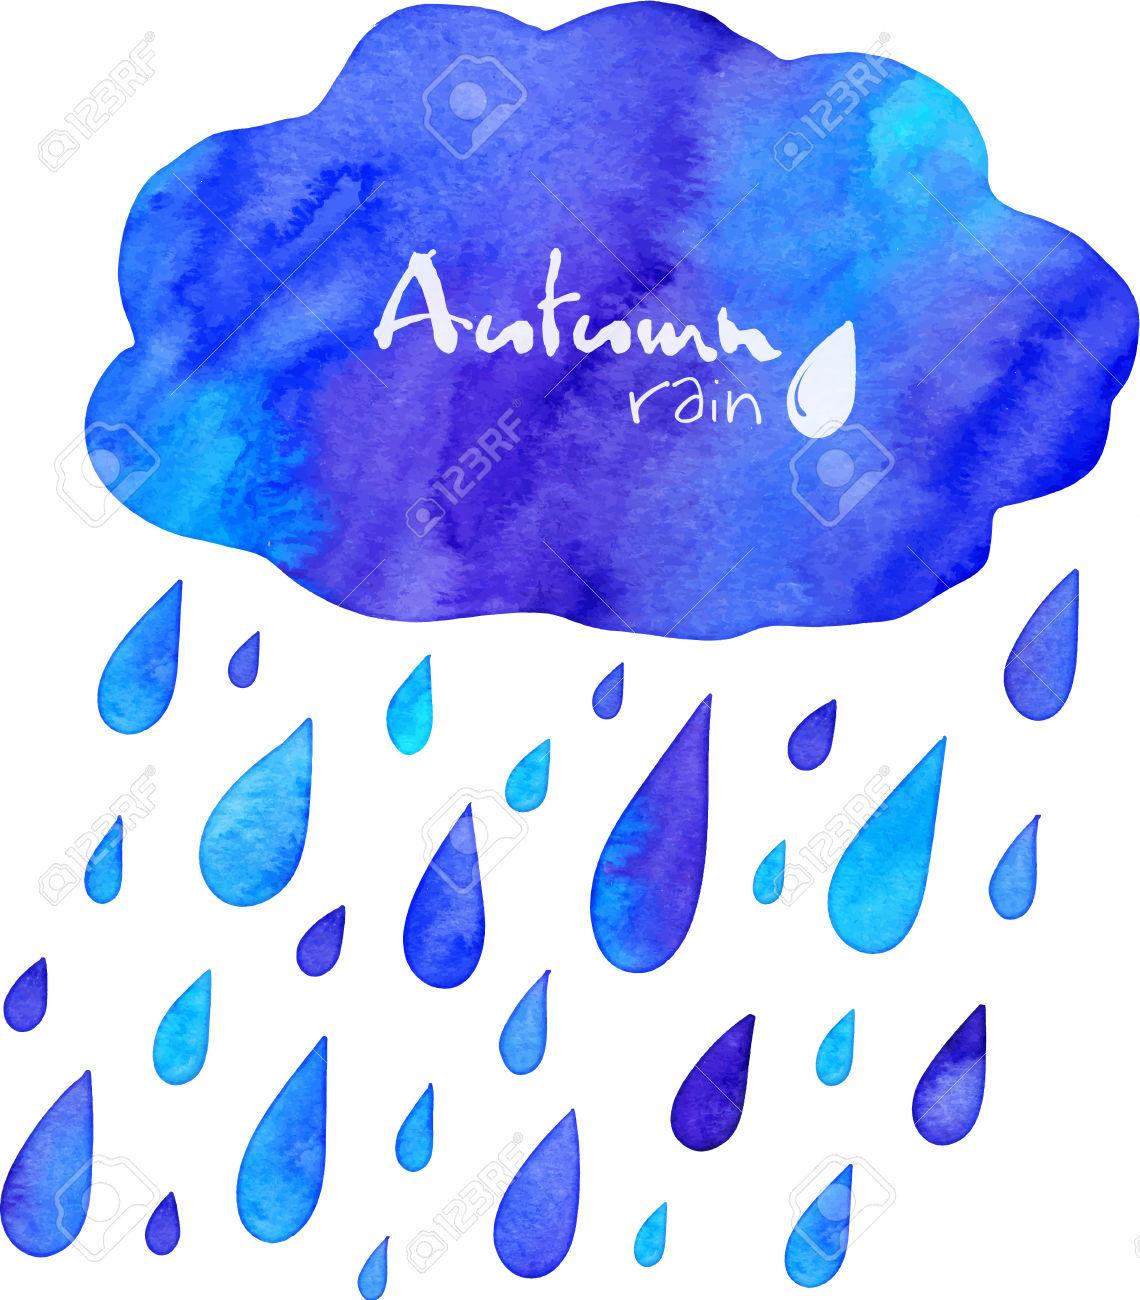 Aquarell Malte Herbst Regen Mit Wolke Lizenzfrei Nutzbare.